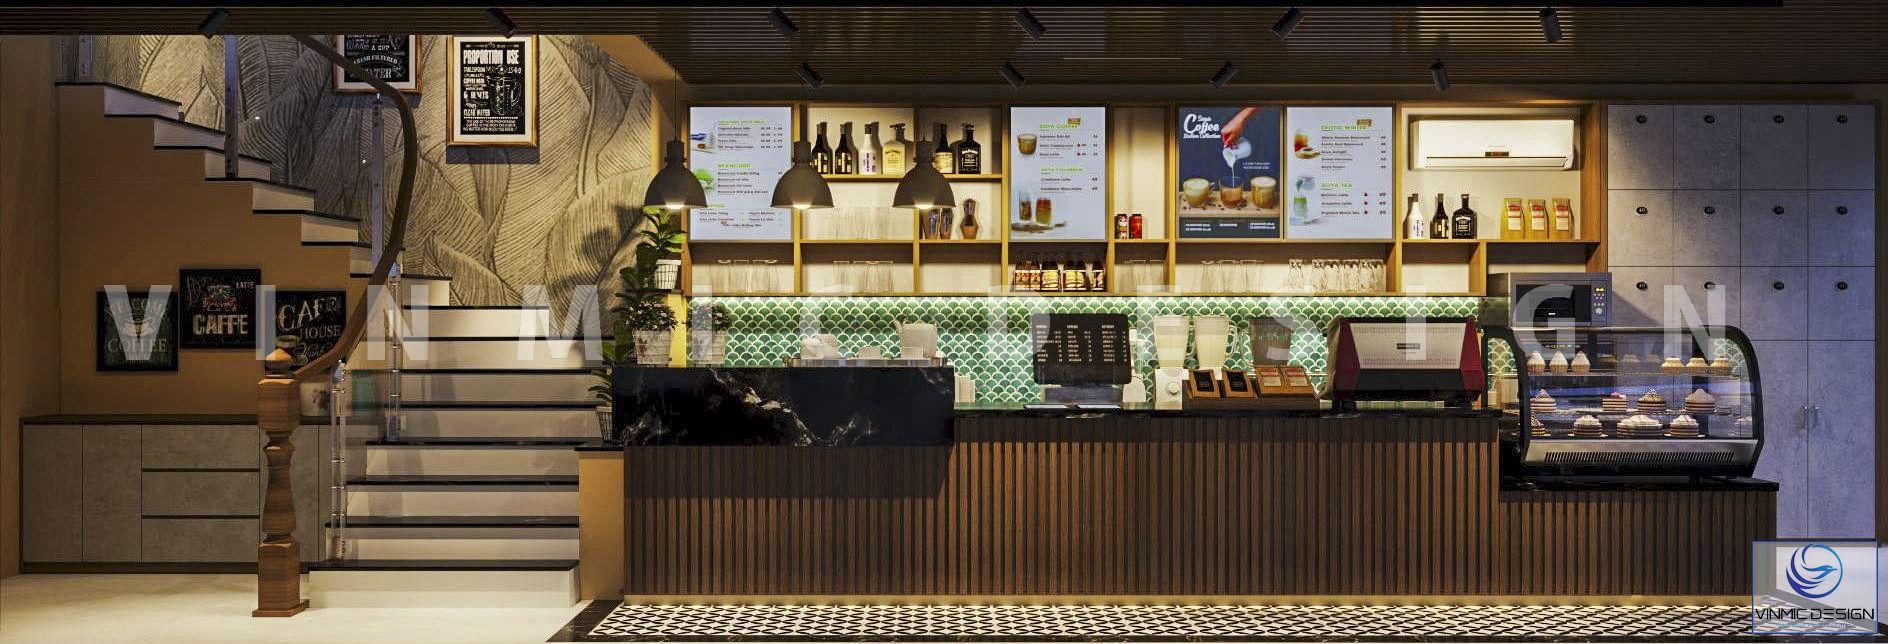 thiet-ke-quan-cafe-5jpg